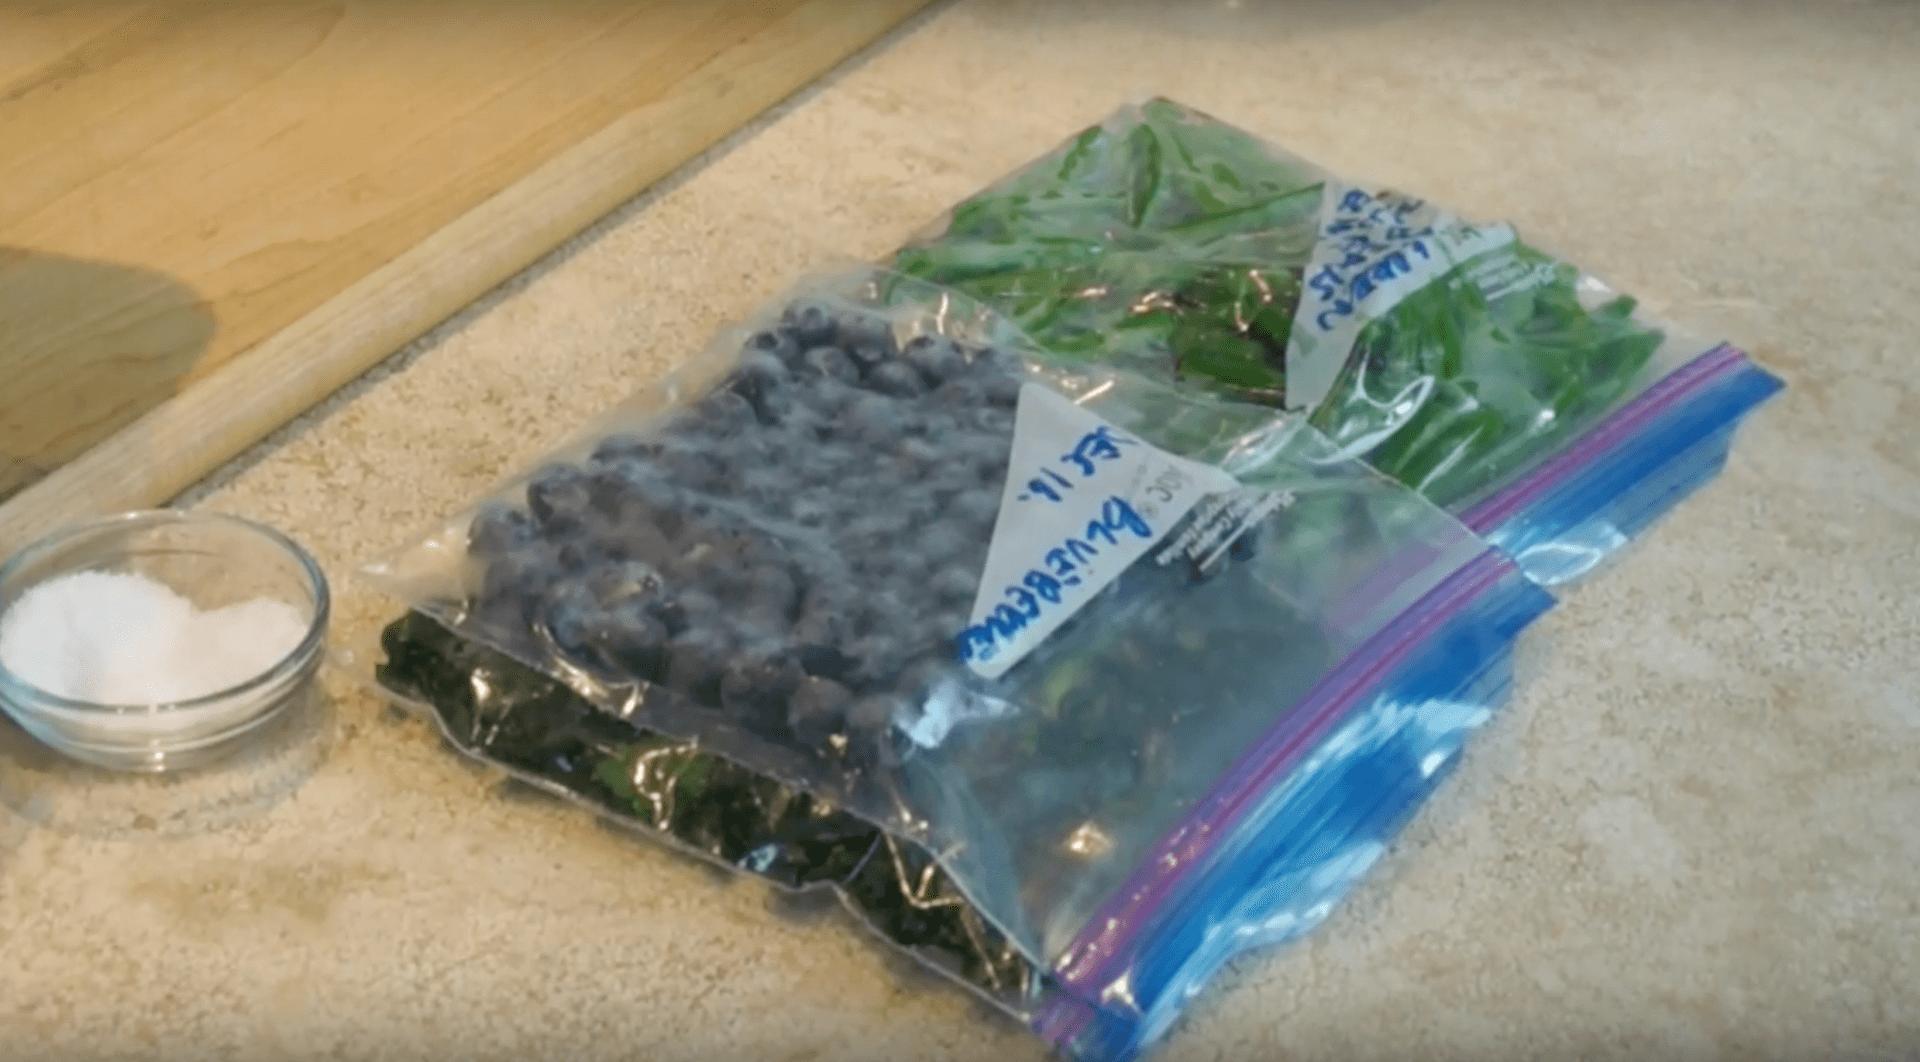 Cómo Escaldar Vegetales – Guardarlos y Refrigerarlos Image